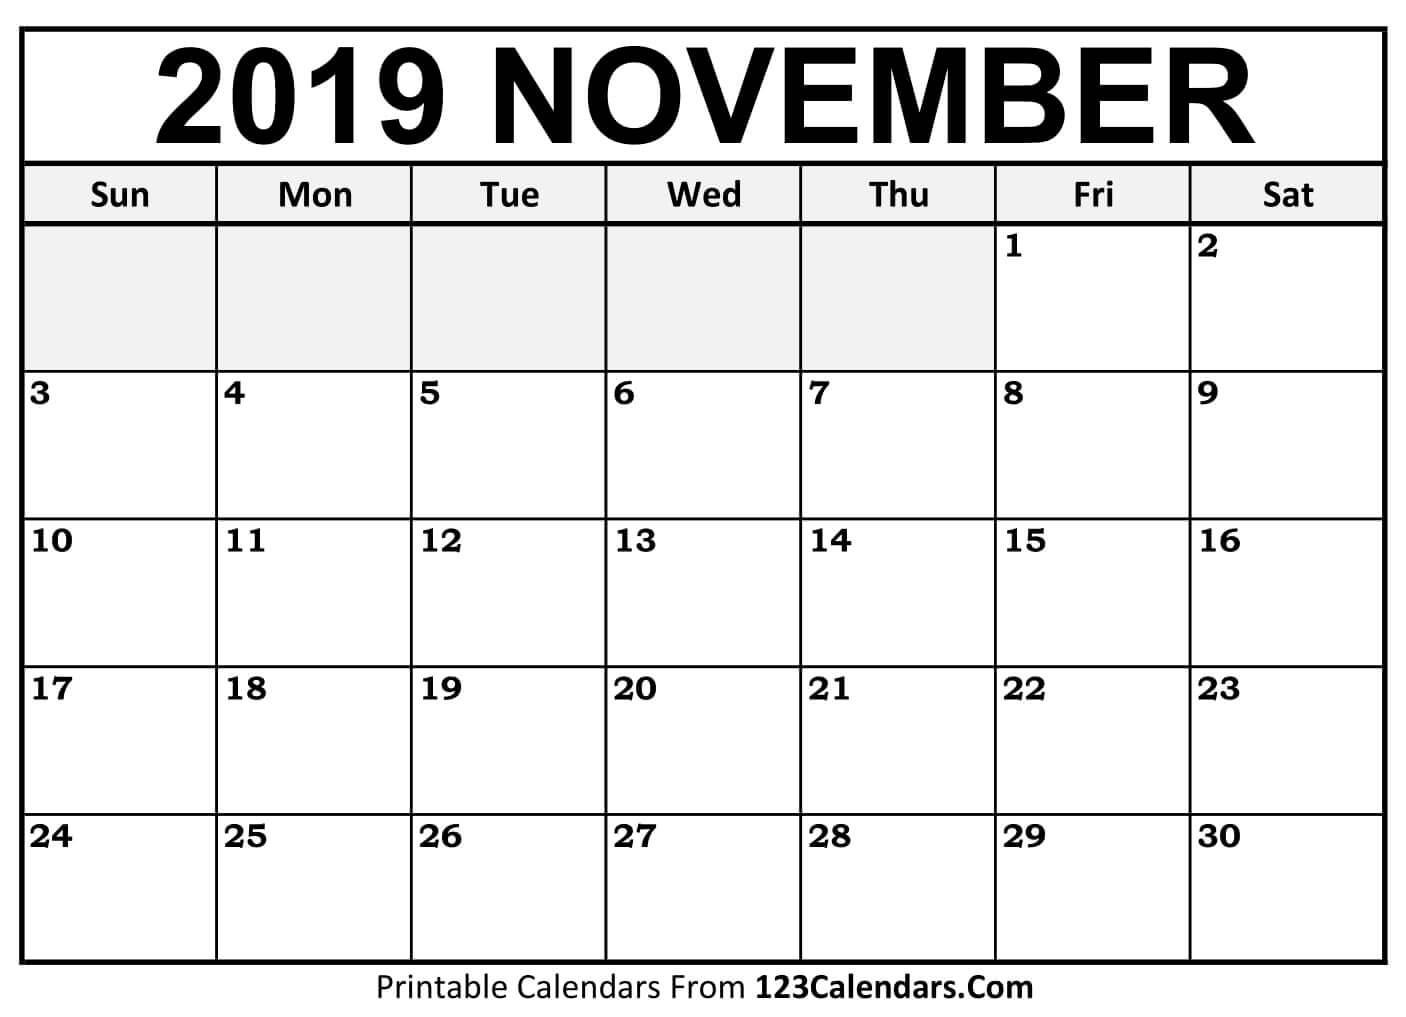 Printable November 2019 Calendar Templates 123Calendars